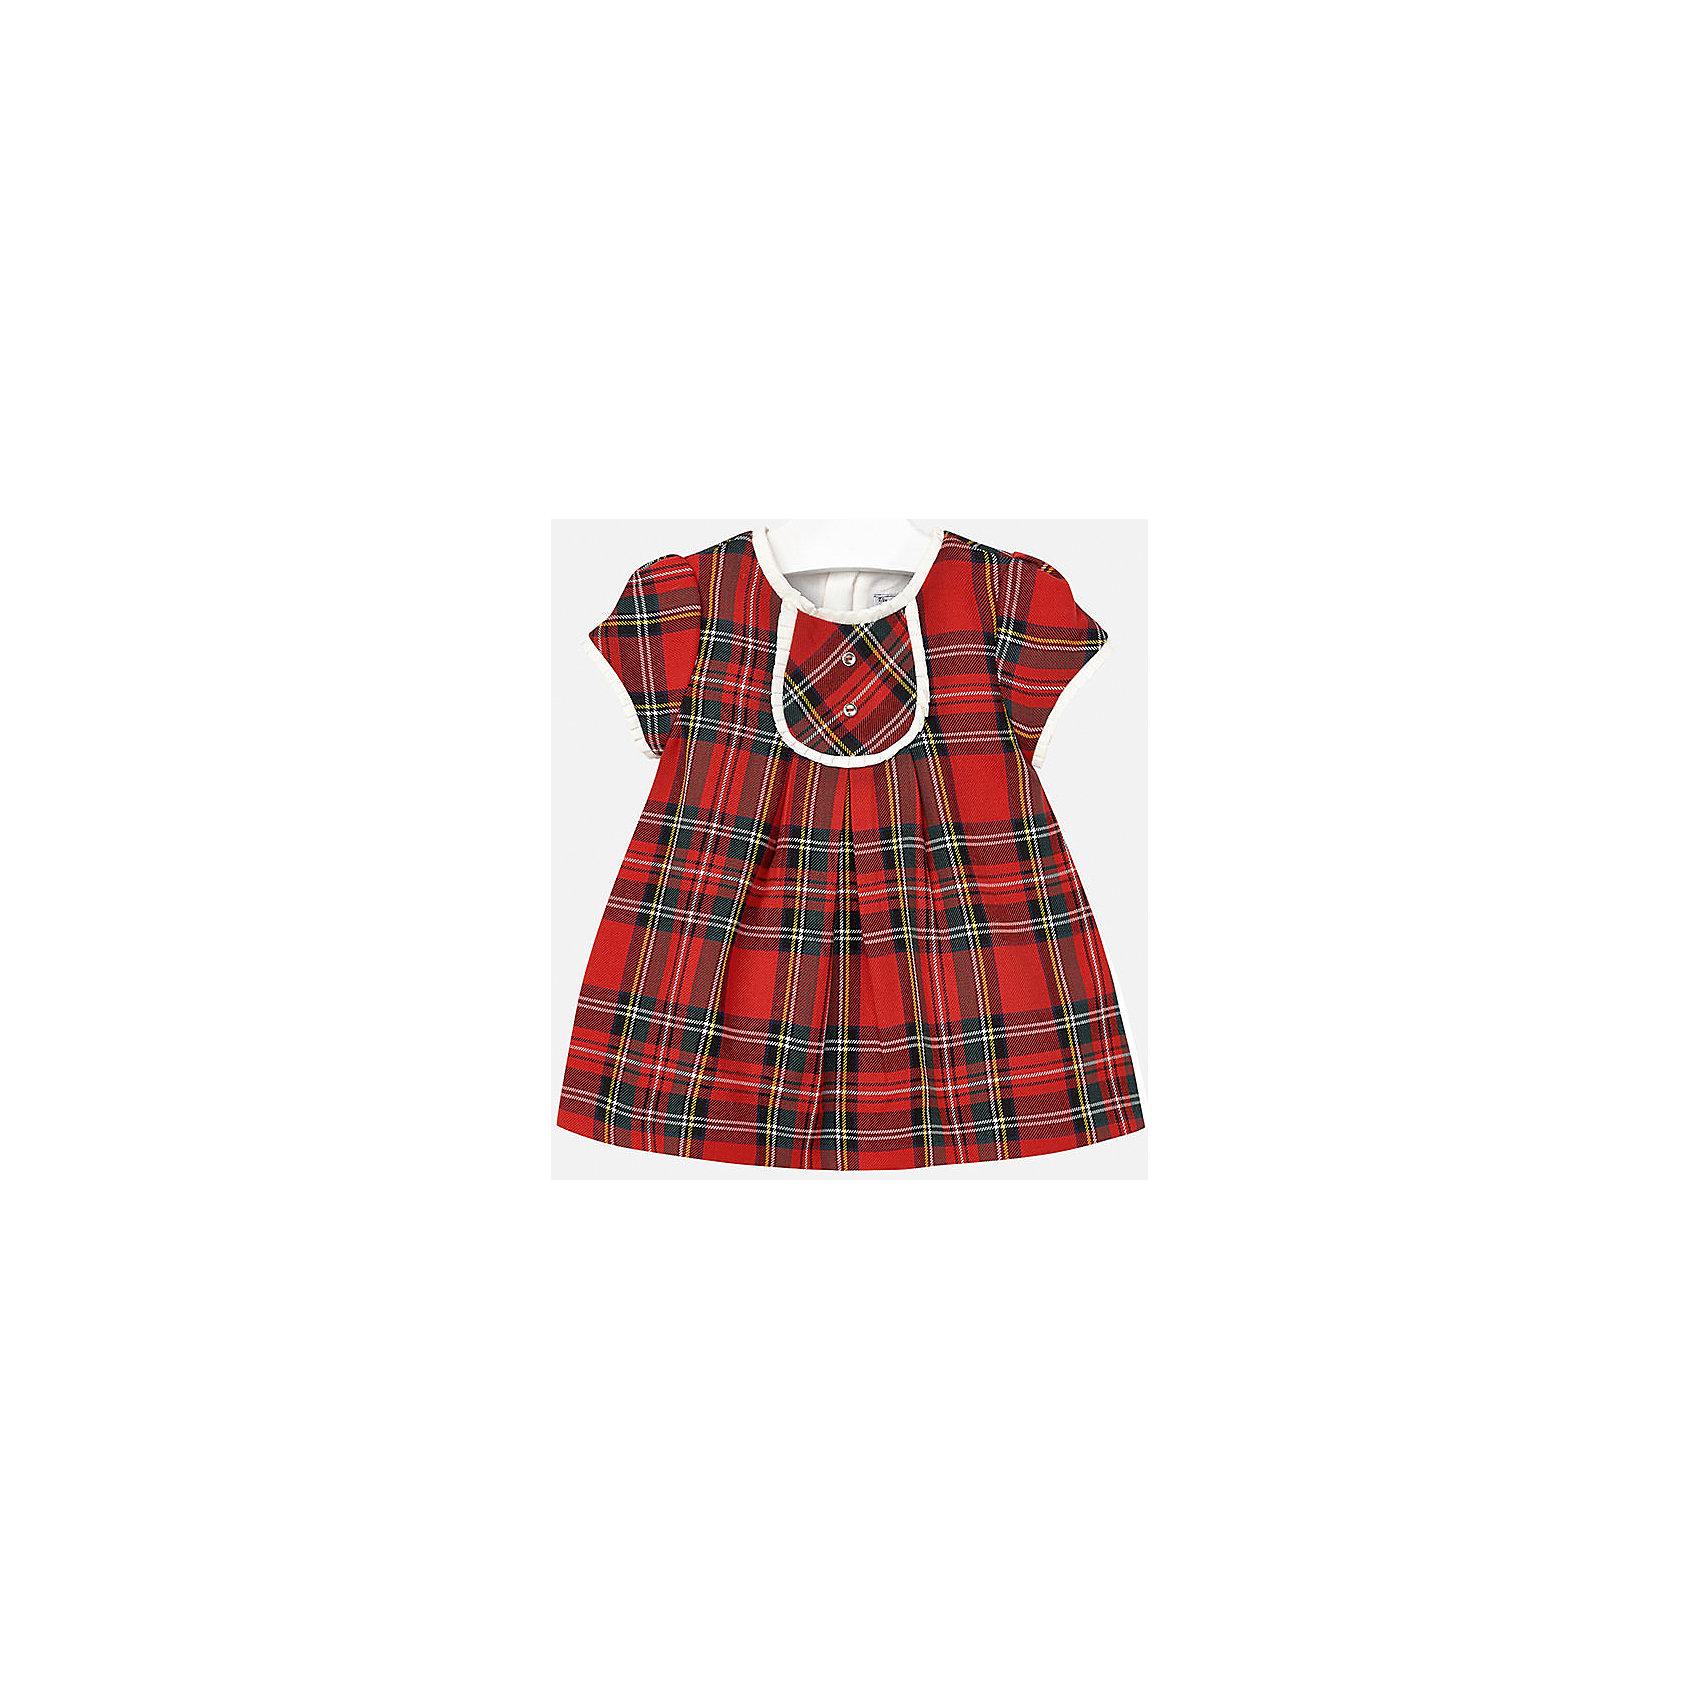 Платье для девочки MayoralПлатье торговой марки    Майорал -Mayoral  выполнено из полиэстера с небольшим добавлением вискозы, имеет короткий рукав, застегивается на молнию на спине. Имеет рисунок в клетку. Юбка имеет легкую плиссировку, линия талии завышенна. <br><br>Дополнительная информация: <br><br>- цвет: красная клетка<br>- состав: полиэстер: 65%, вискоза: 35% подкладка: хлопок: 50%, полиэстер:50%<br>- вид застежки: молния<br>- длина рукава: короткие<br>- длина изделия: по спинке: 38 см<br>- покрой: прямой<br>- фактура материала: трикотажный<br>- длина юбки: миди<br>- тип карманов: без карманов<br>- уход за вещами: бережная стирка при 30 градусах<br>- рисунок: без рисунка<br>- назначение: повседневная<br>- сезон: круглогодичный<br>- пол: девочки<br>- страна бренда: Испания<br>- комплектация: платье<br><br>Платье для девочки торговой марки Mayoral можно купить в нашем интернет-магазине.<br><br>Ширина мм: 236<br>Глубина мм: 16<br>Высота мм: 184<br>Вес г: 177<br>Цвет: красный<br>Возраст от месяцев: 12<br>Возраст до месяцев: 15<br>Пол: Женский<br>Возраст: Детский<br>Размер: 92,80,74,86<br>SKU: 4846313